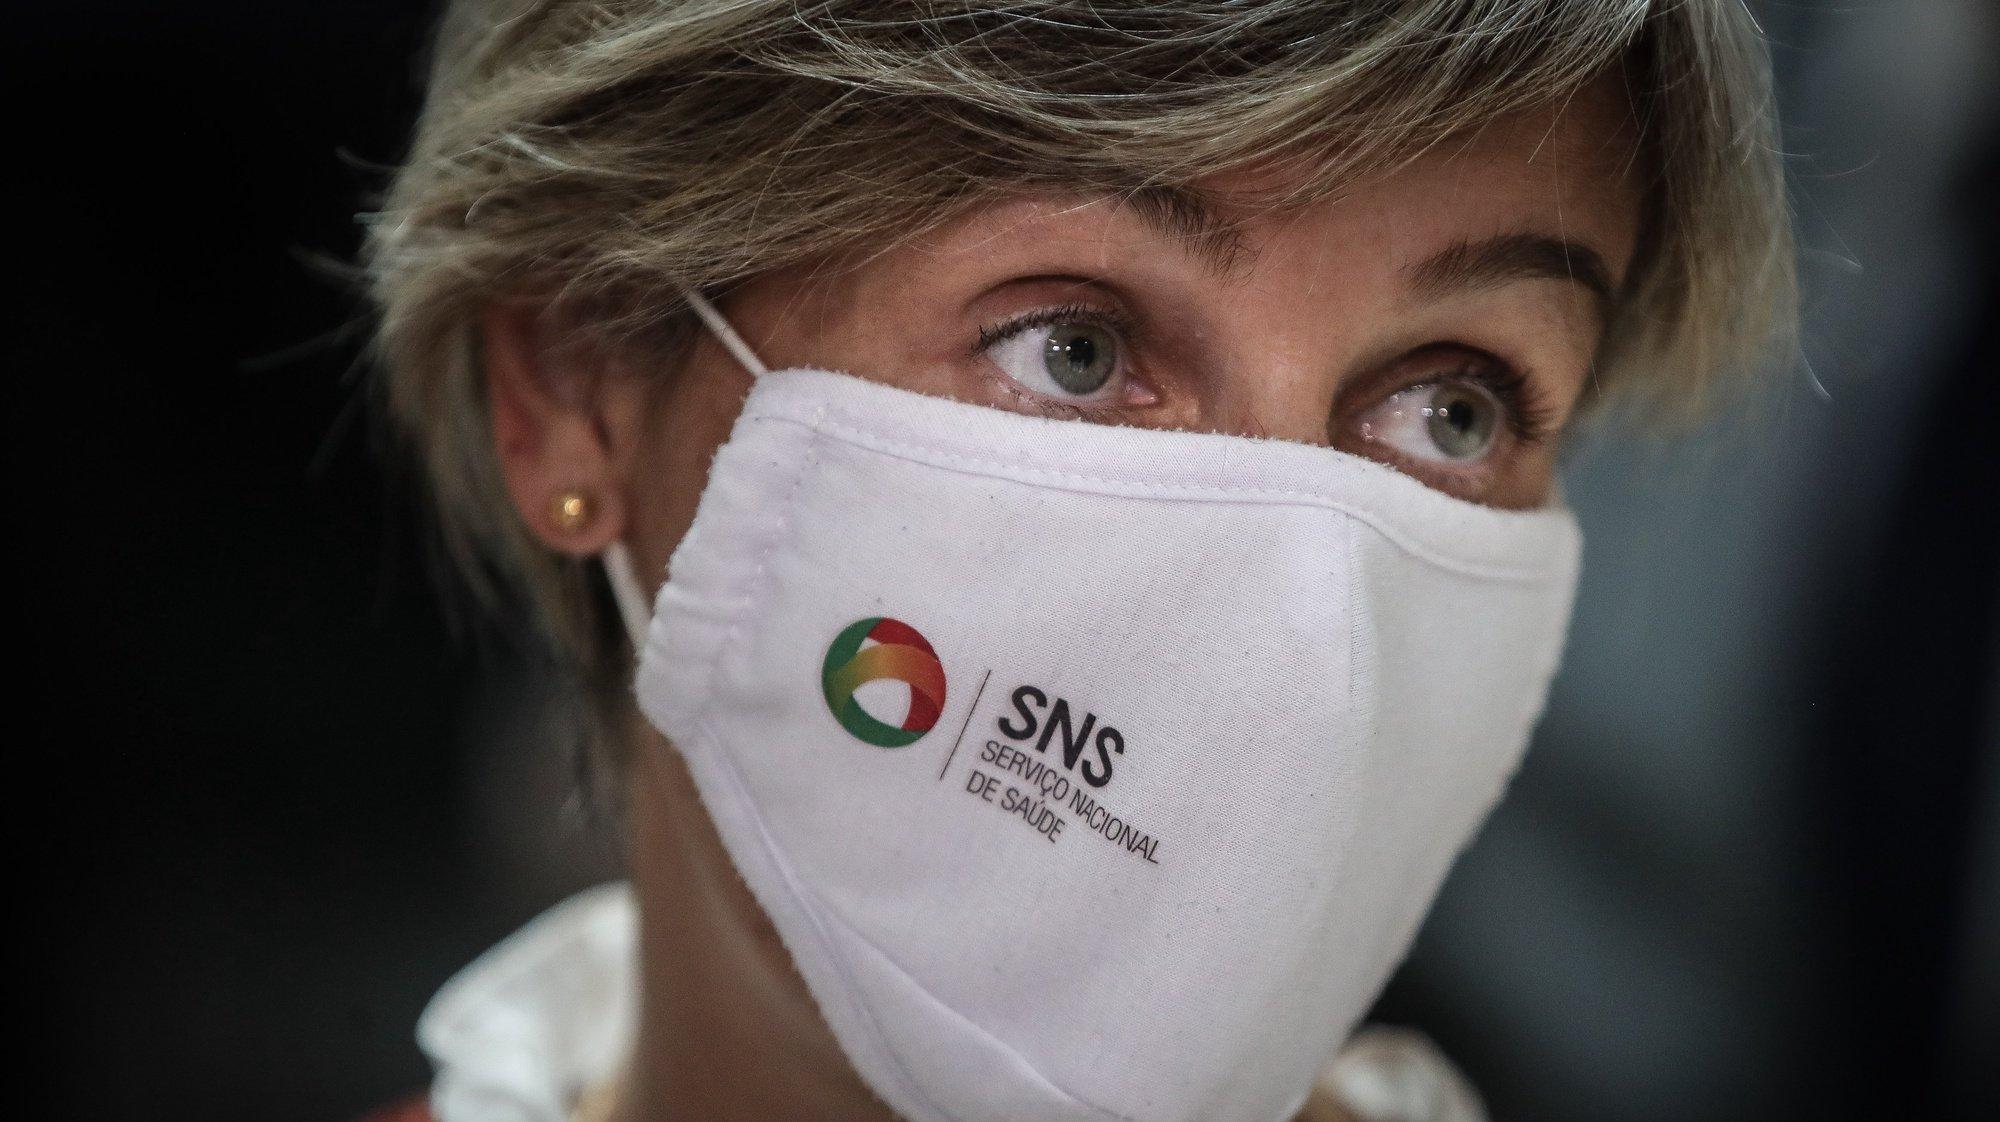 A ministra da Saúde, Marta Temido, participa na tomada de posse dos órgãos sociais da Associação Nacional das Farmácias (ANF), em Lisboa, 21 de junho de 2021. MÁRIO CRUZ/LUSA